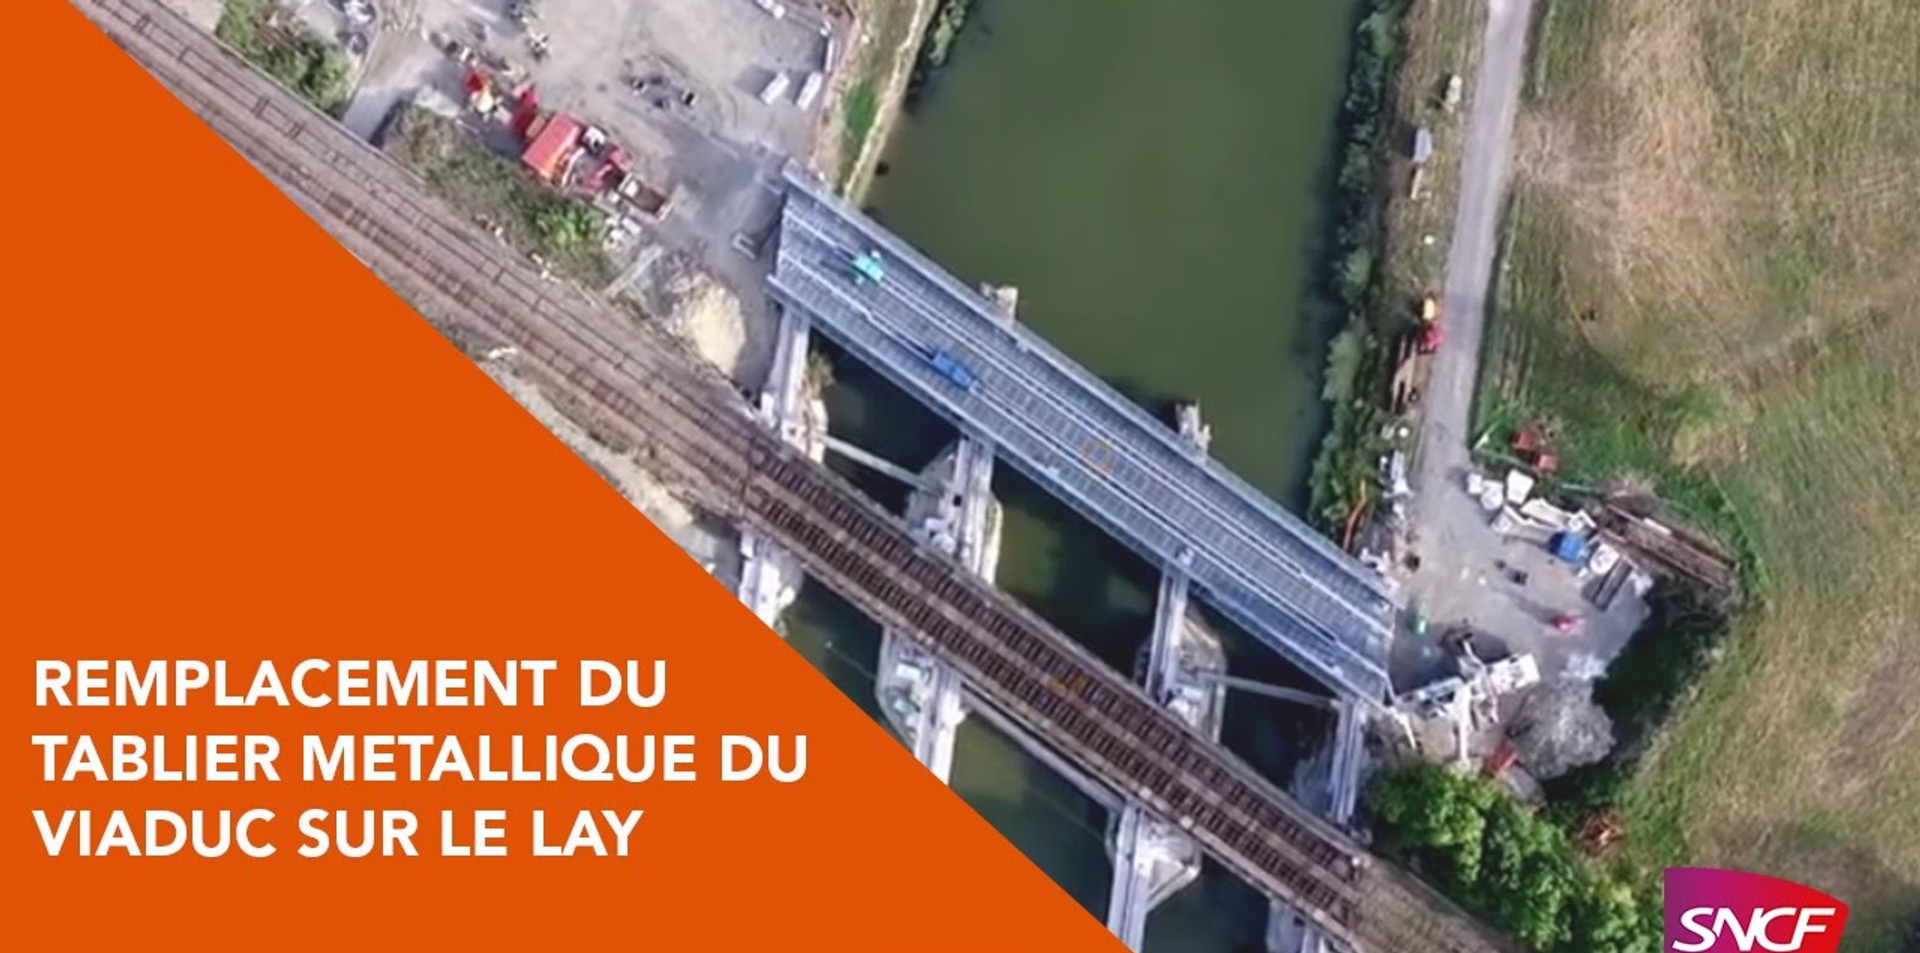 SNCF Réseau - Remplacement du tablier métallique du Viaduc sur le Lay